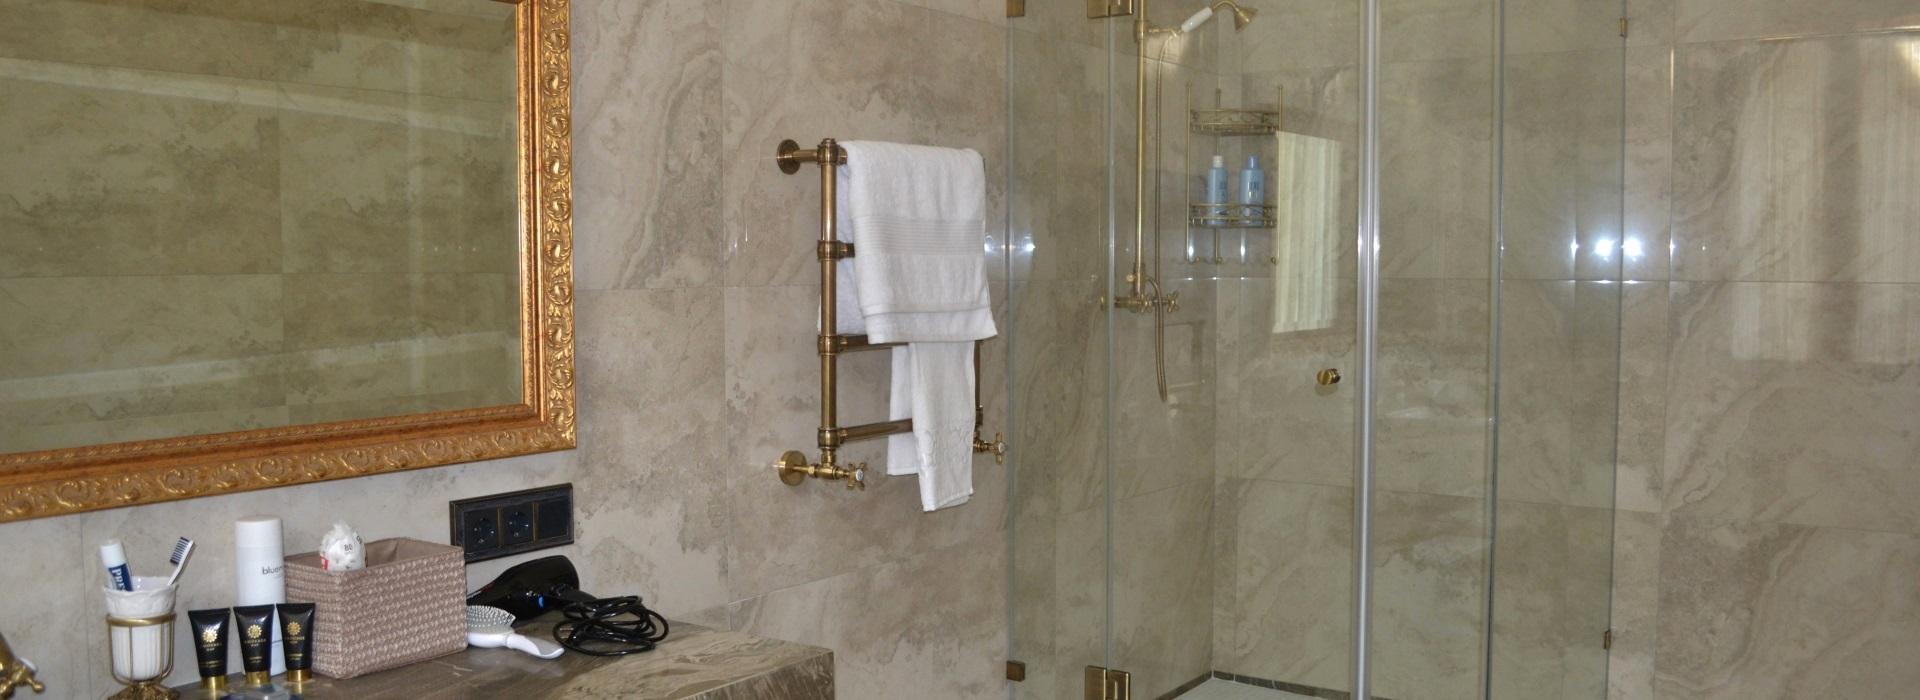 Остекление душевых и ванн